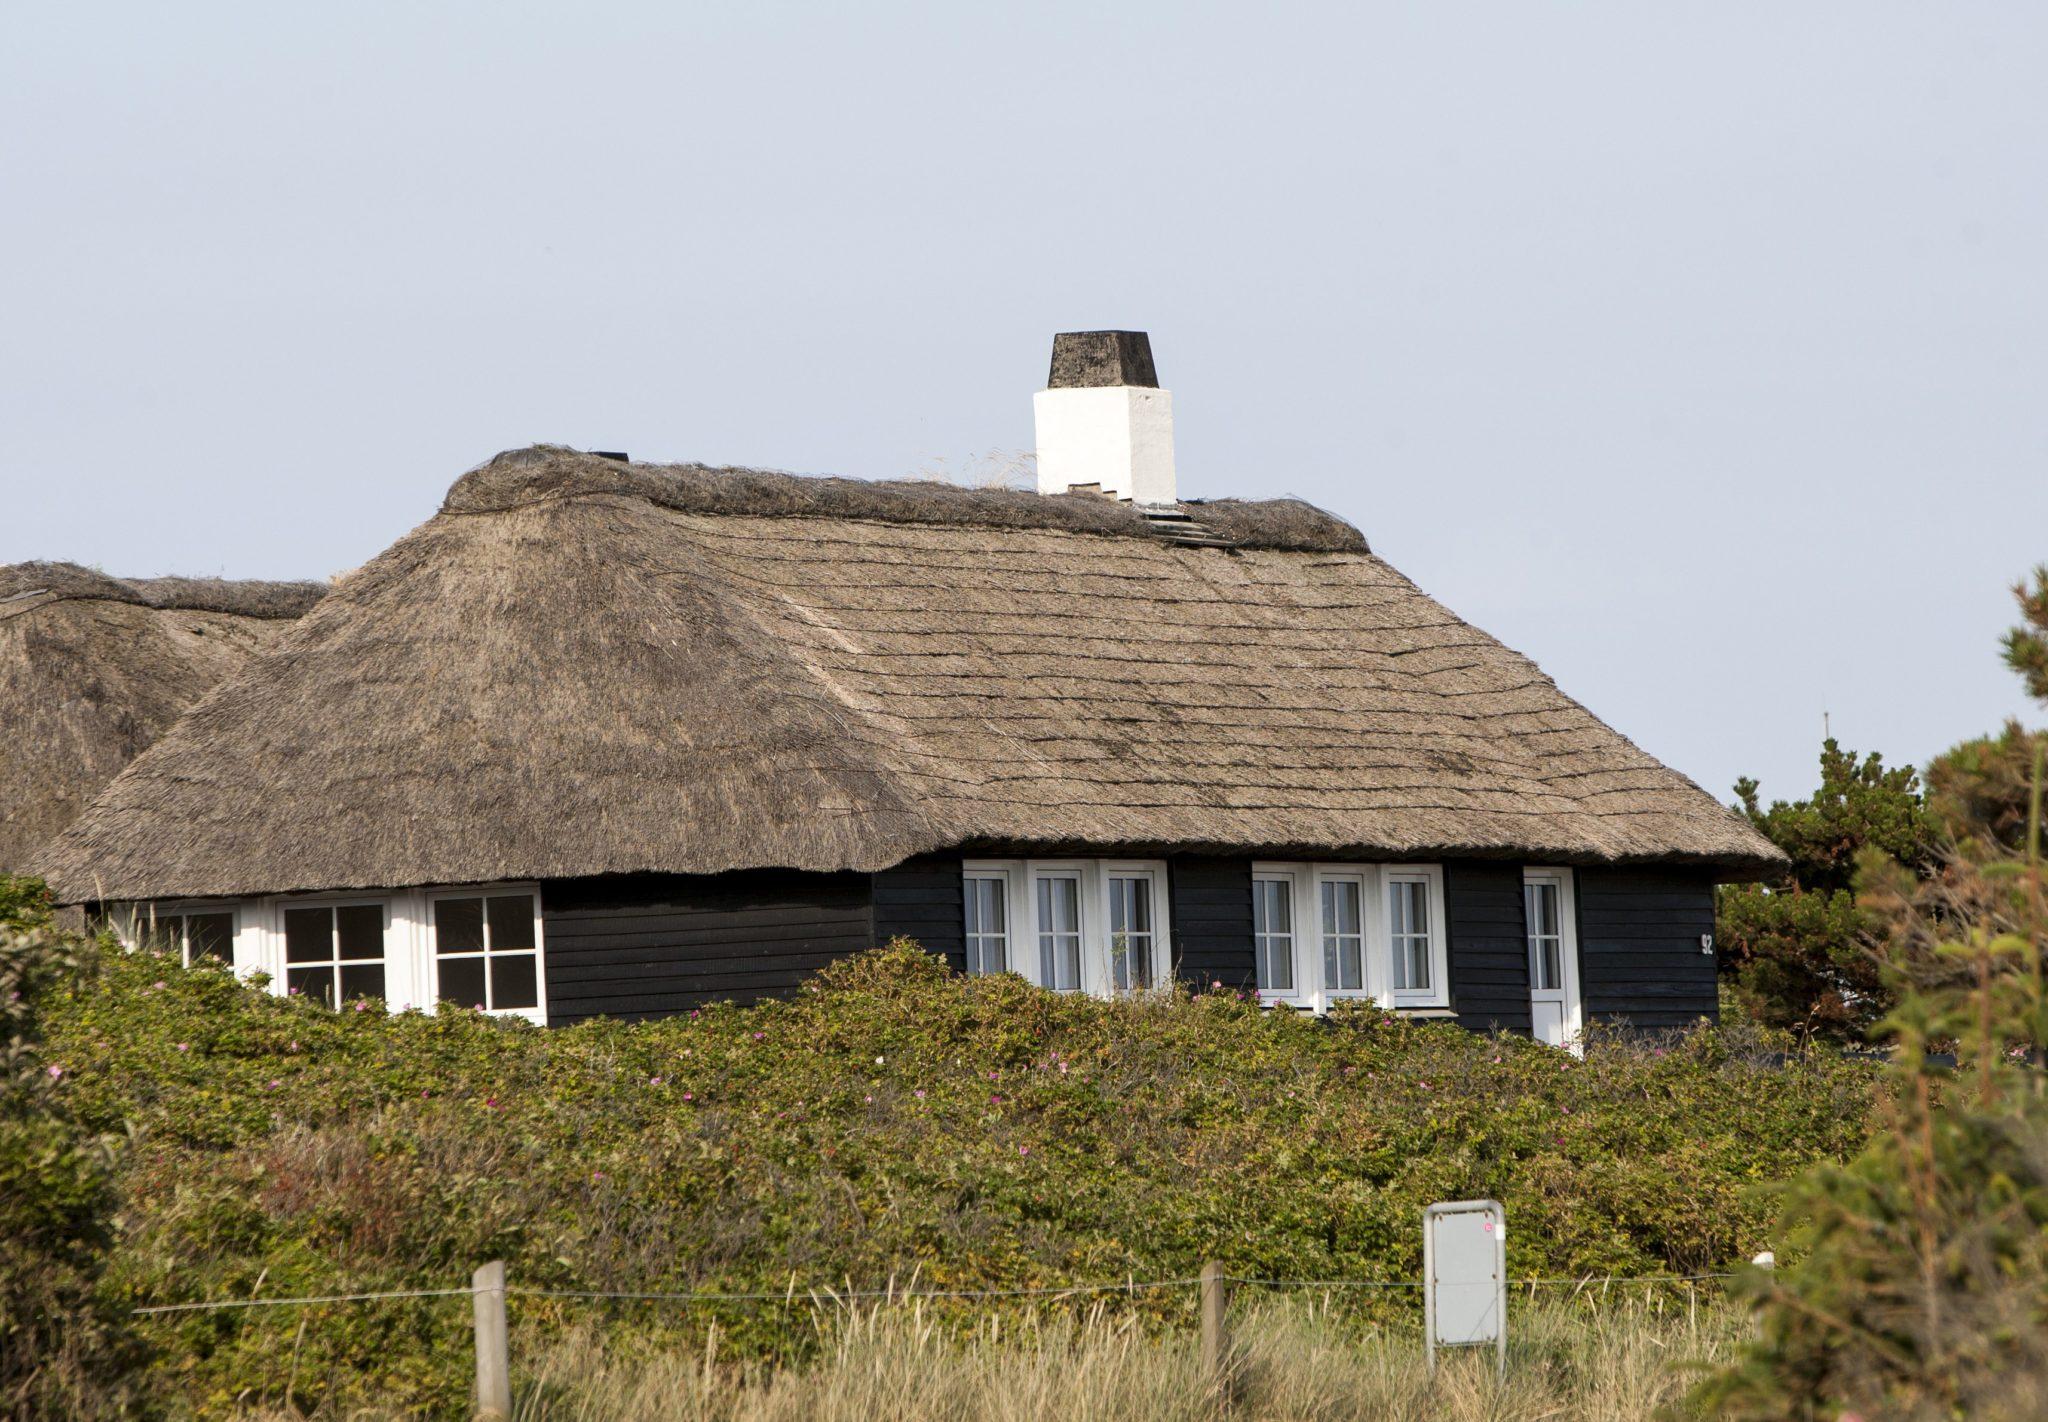 Feriehus ved Vesterhavet. Foto: Varde Kommune.